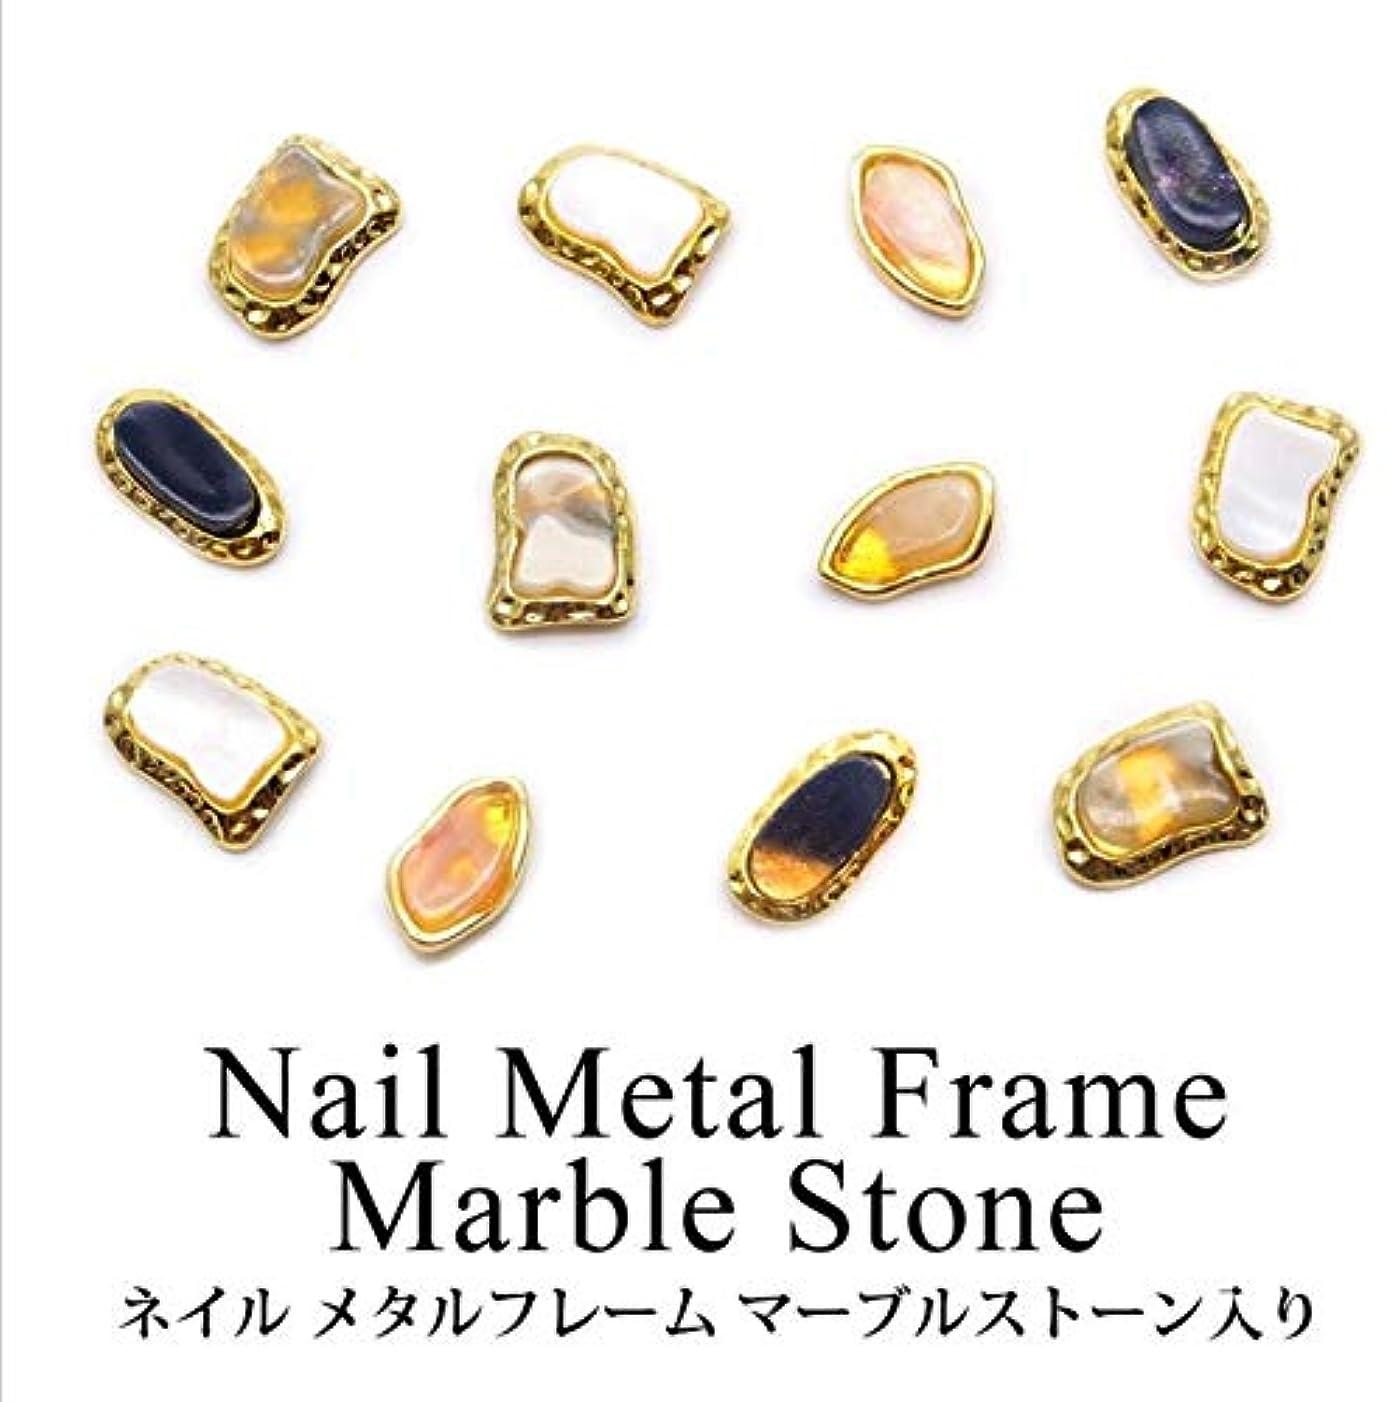 【ネイルウーマン】天然石風パーツ シェルカラー フレーム (ホワイト/6.5mm×9.5mm) 10粒入り